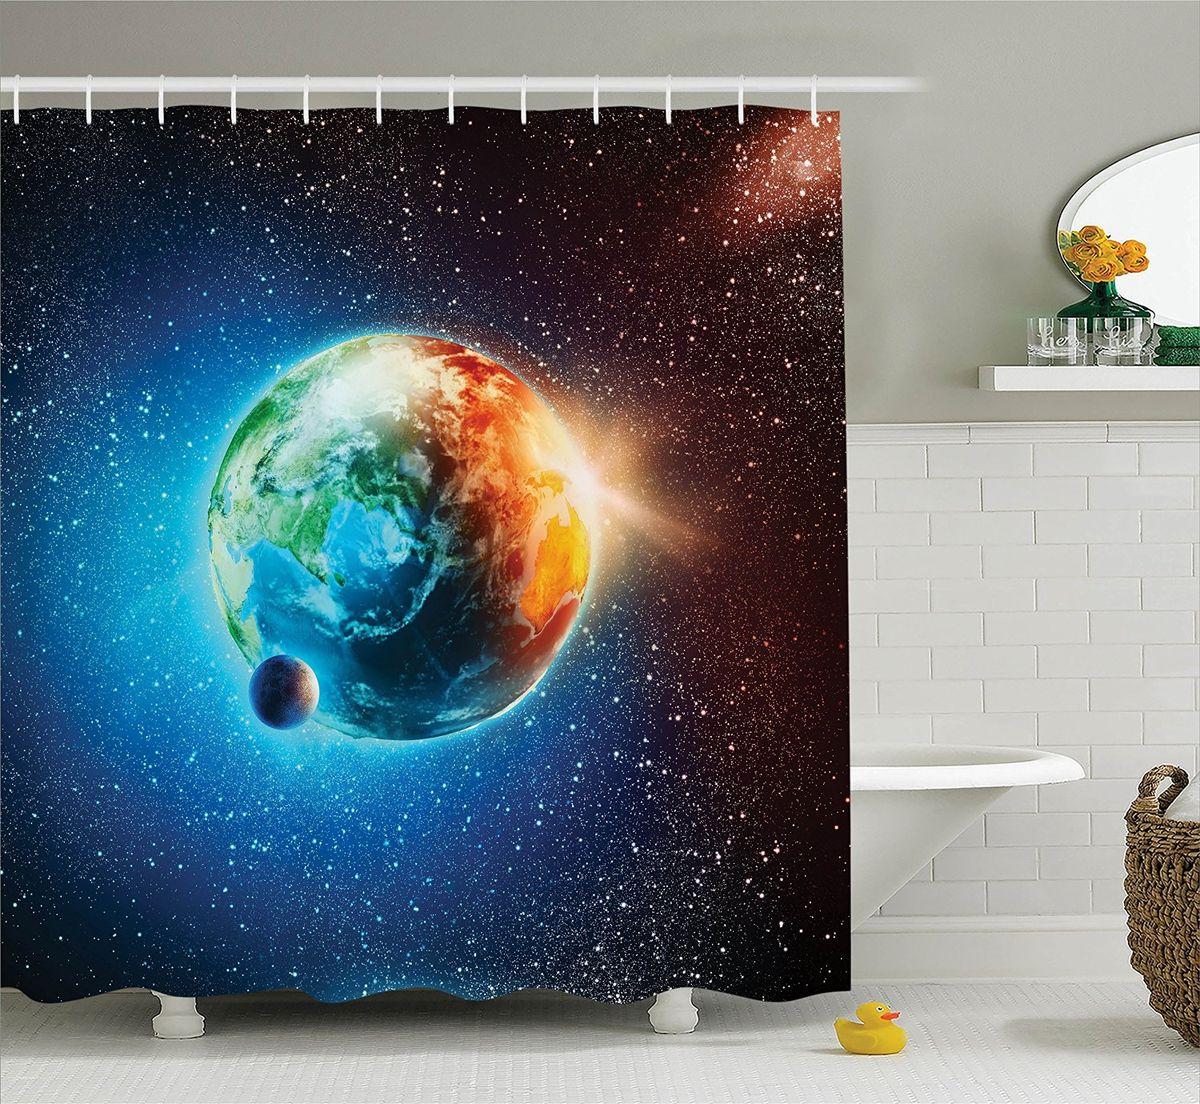 Штора для ванной комнаты Magic Lady Живая планета, 180 х 200 смшв_5243Штора Magic Lady Живая планета, изготовленная из высококачественного сатена (полиэстер 100%), отлично дополнит любой интерьер ванной комнаты. При изготовлении используются специальные гипоаллергенные чернила для прямой печати по ткани, безопасные для человека.В комплекте: 1 штора, 12 крючков. Обращаем ваше внимание, фактический цвет изделия может незначительно отличаться от представленного на фото.